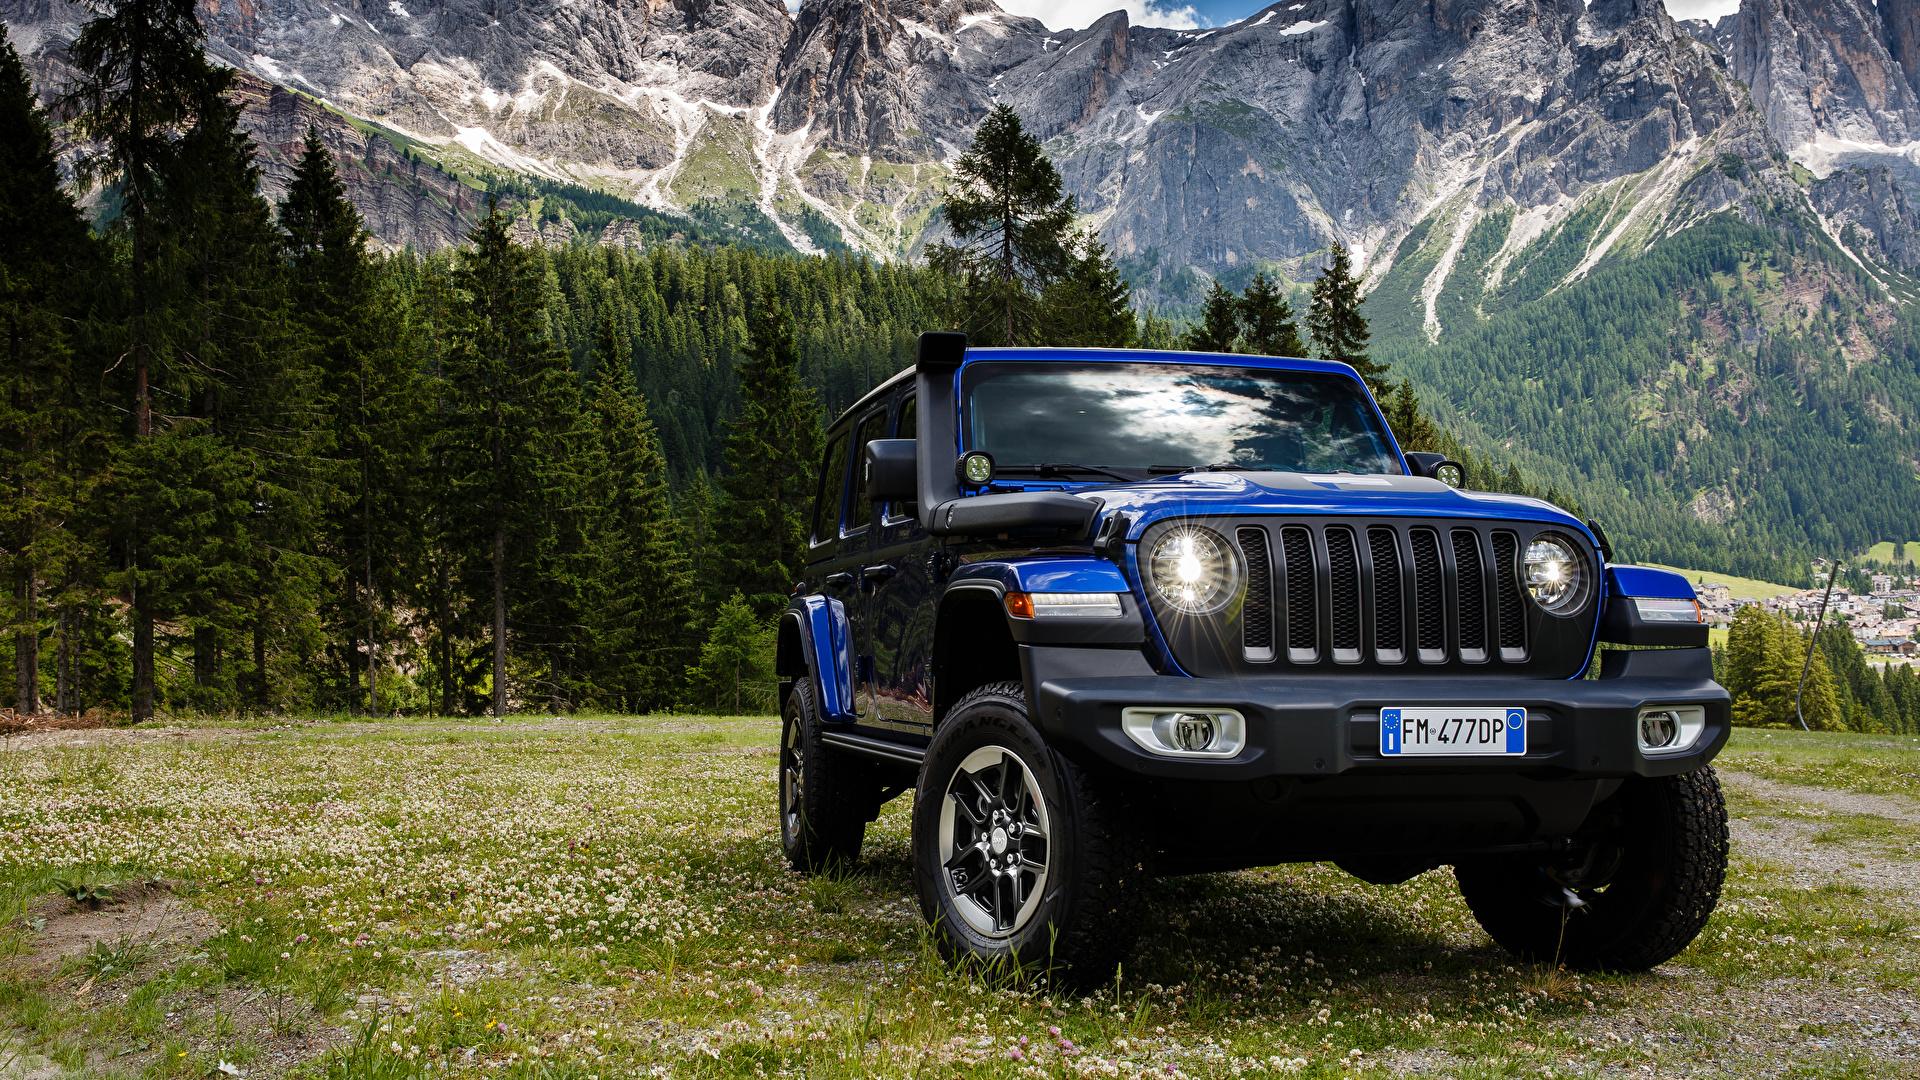 Обои для рабочего стола Jeep SUV 2019 Wrangler Unlimited Sahara 1941 by Mopar синих Автомобили 1920x1080 Джип Внедорожник синяя синие Синий авто машины машина автомобиль